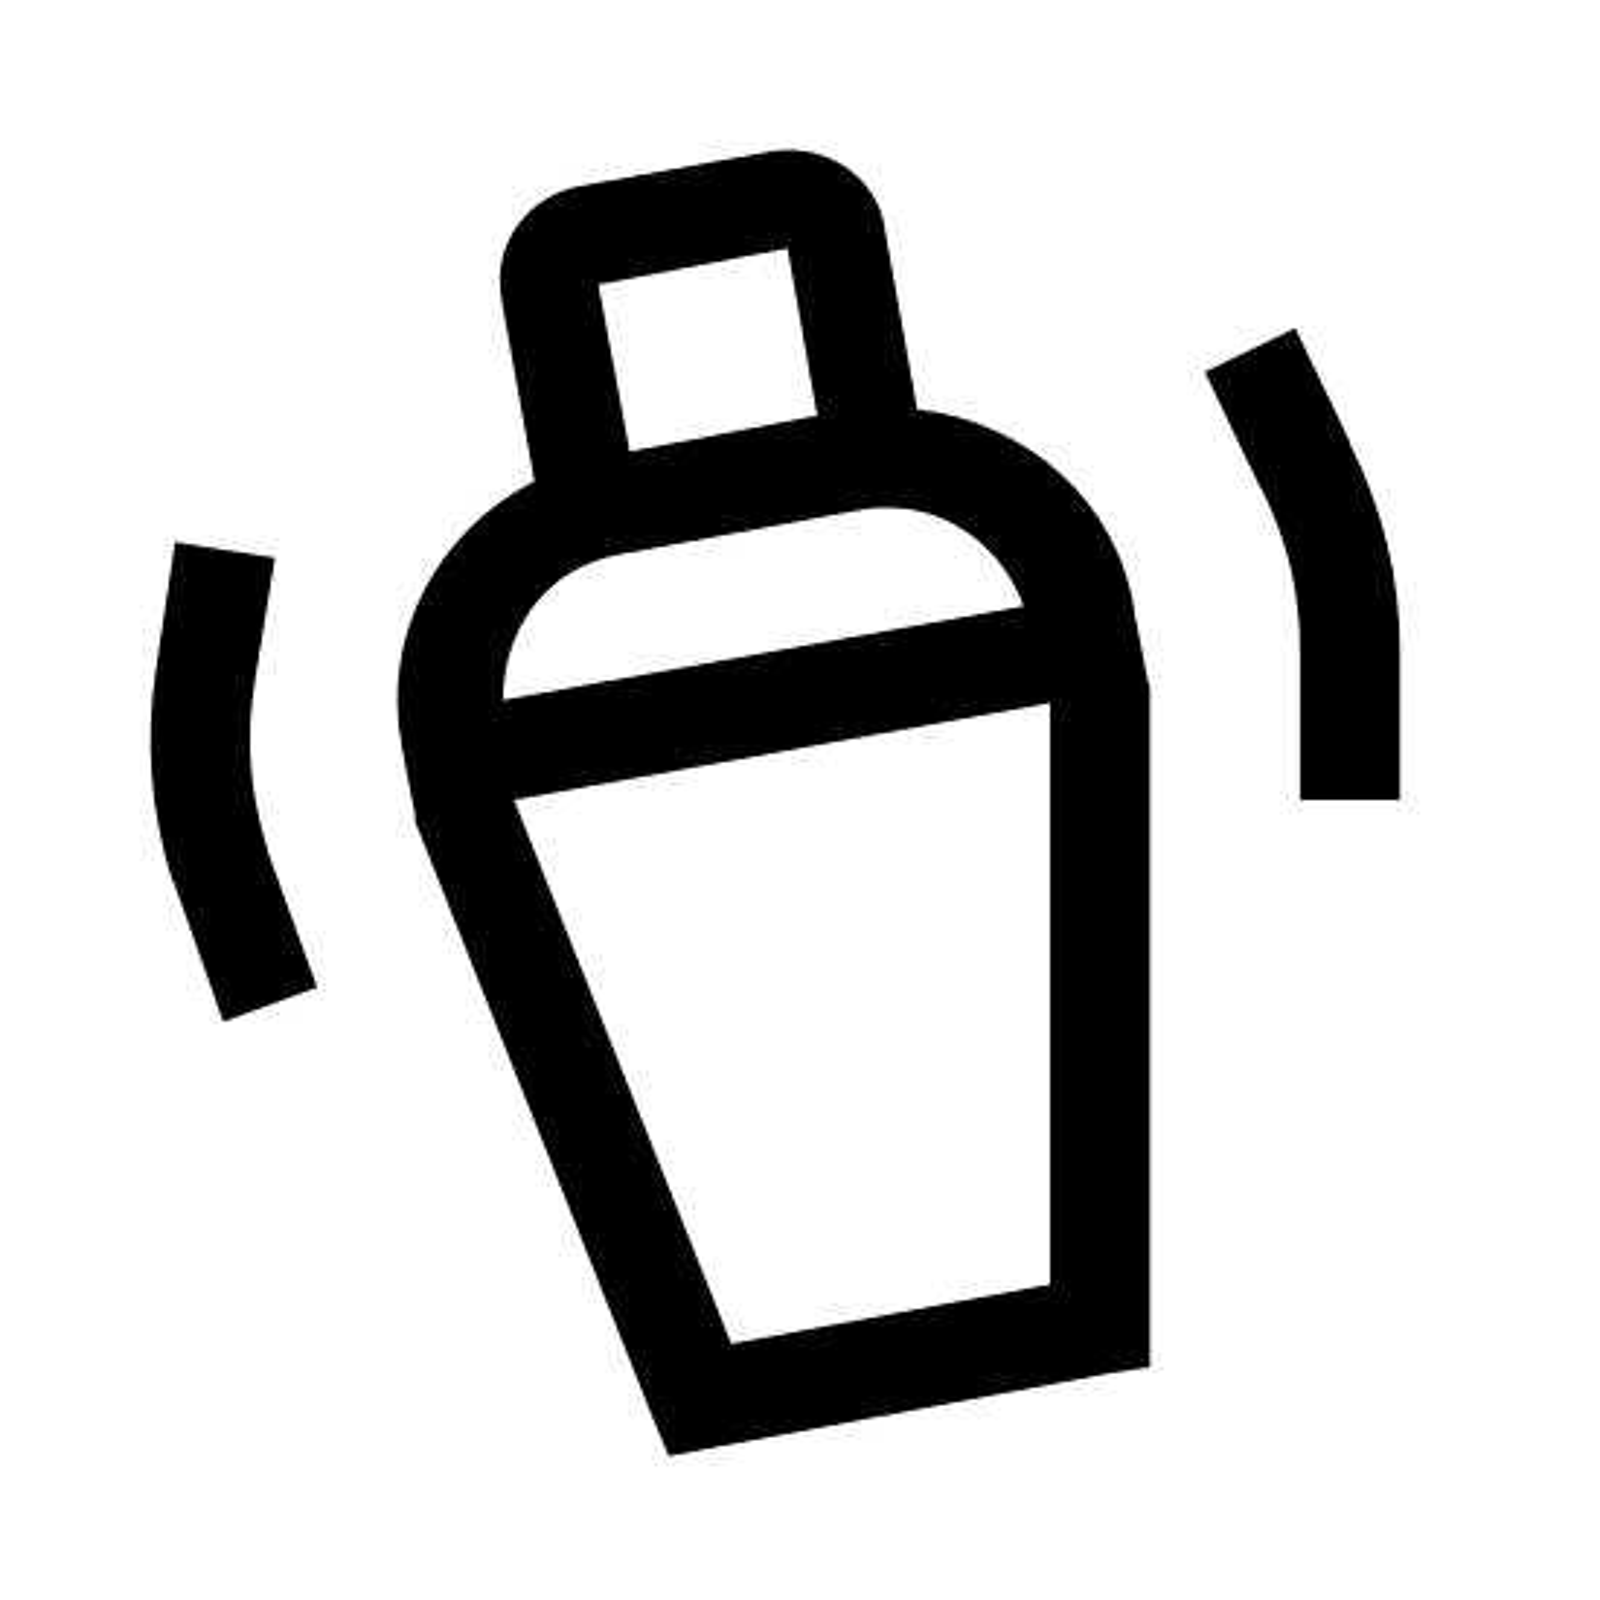 Shakerze icon